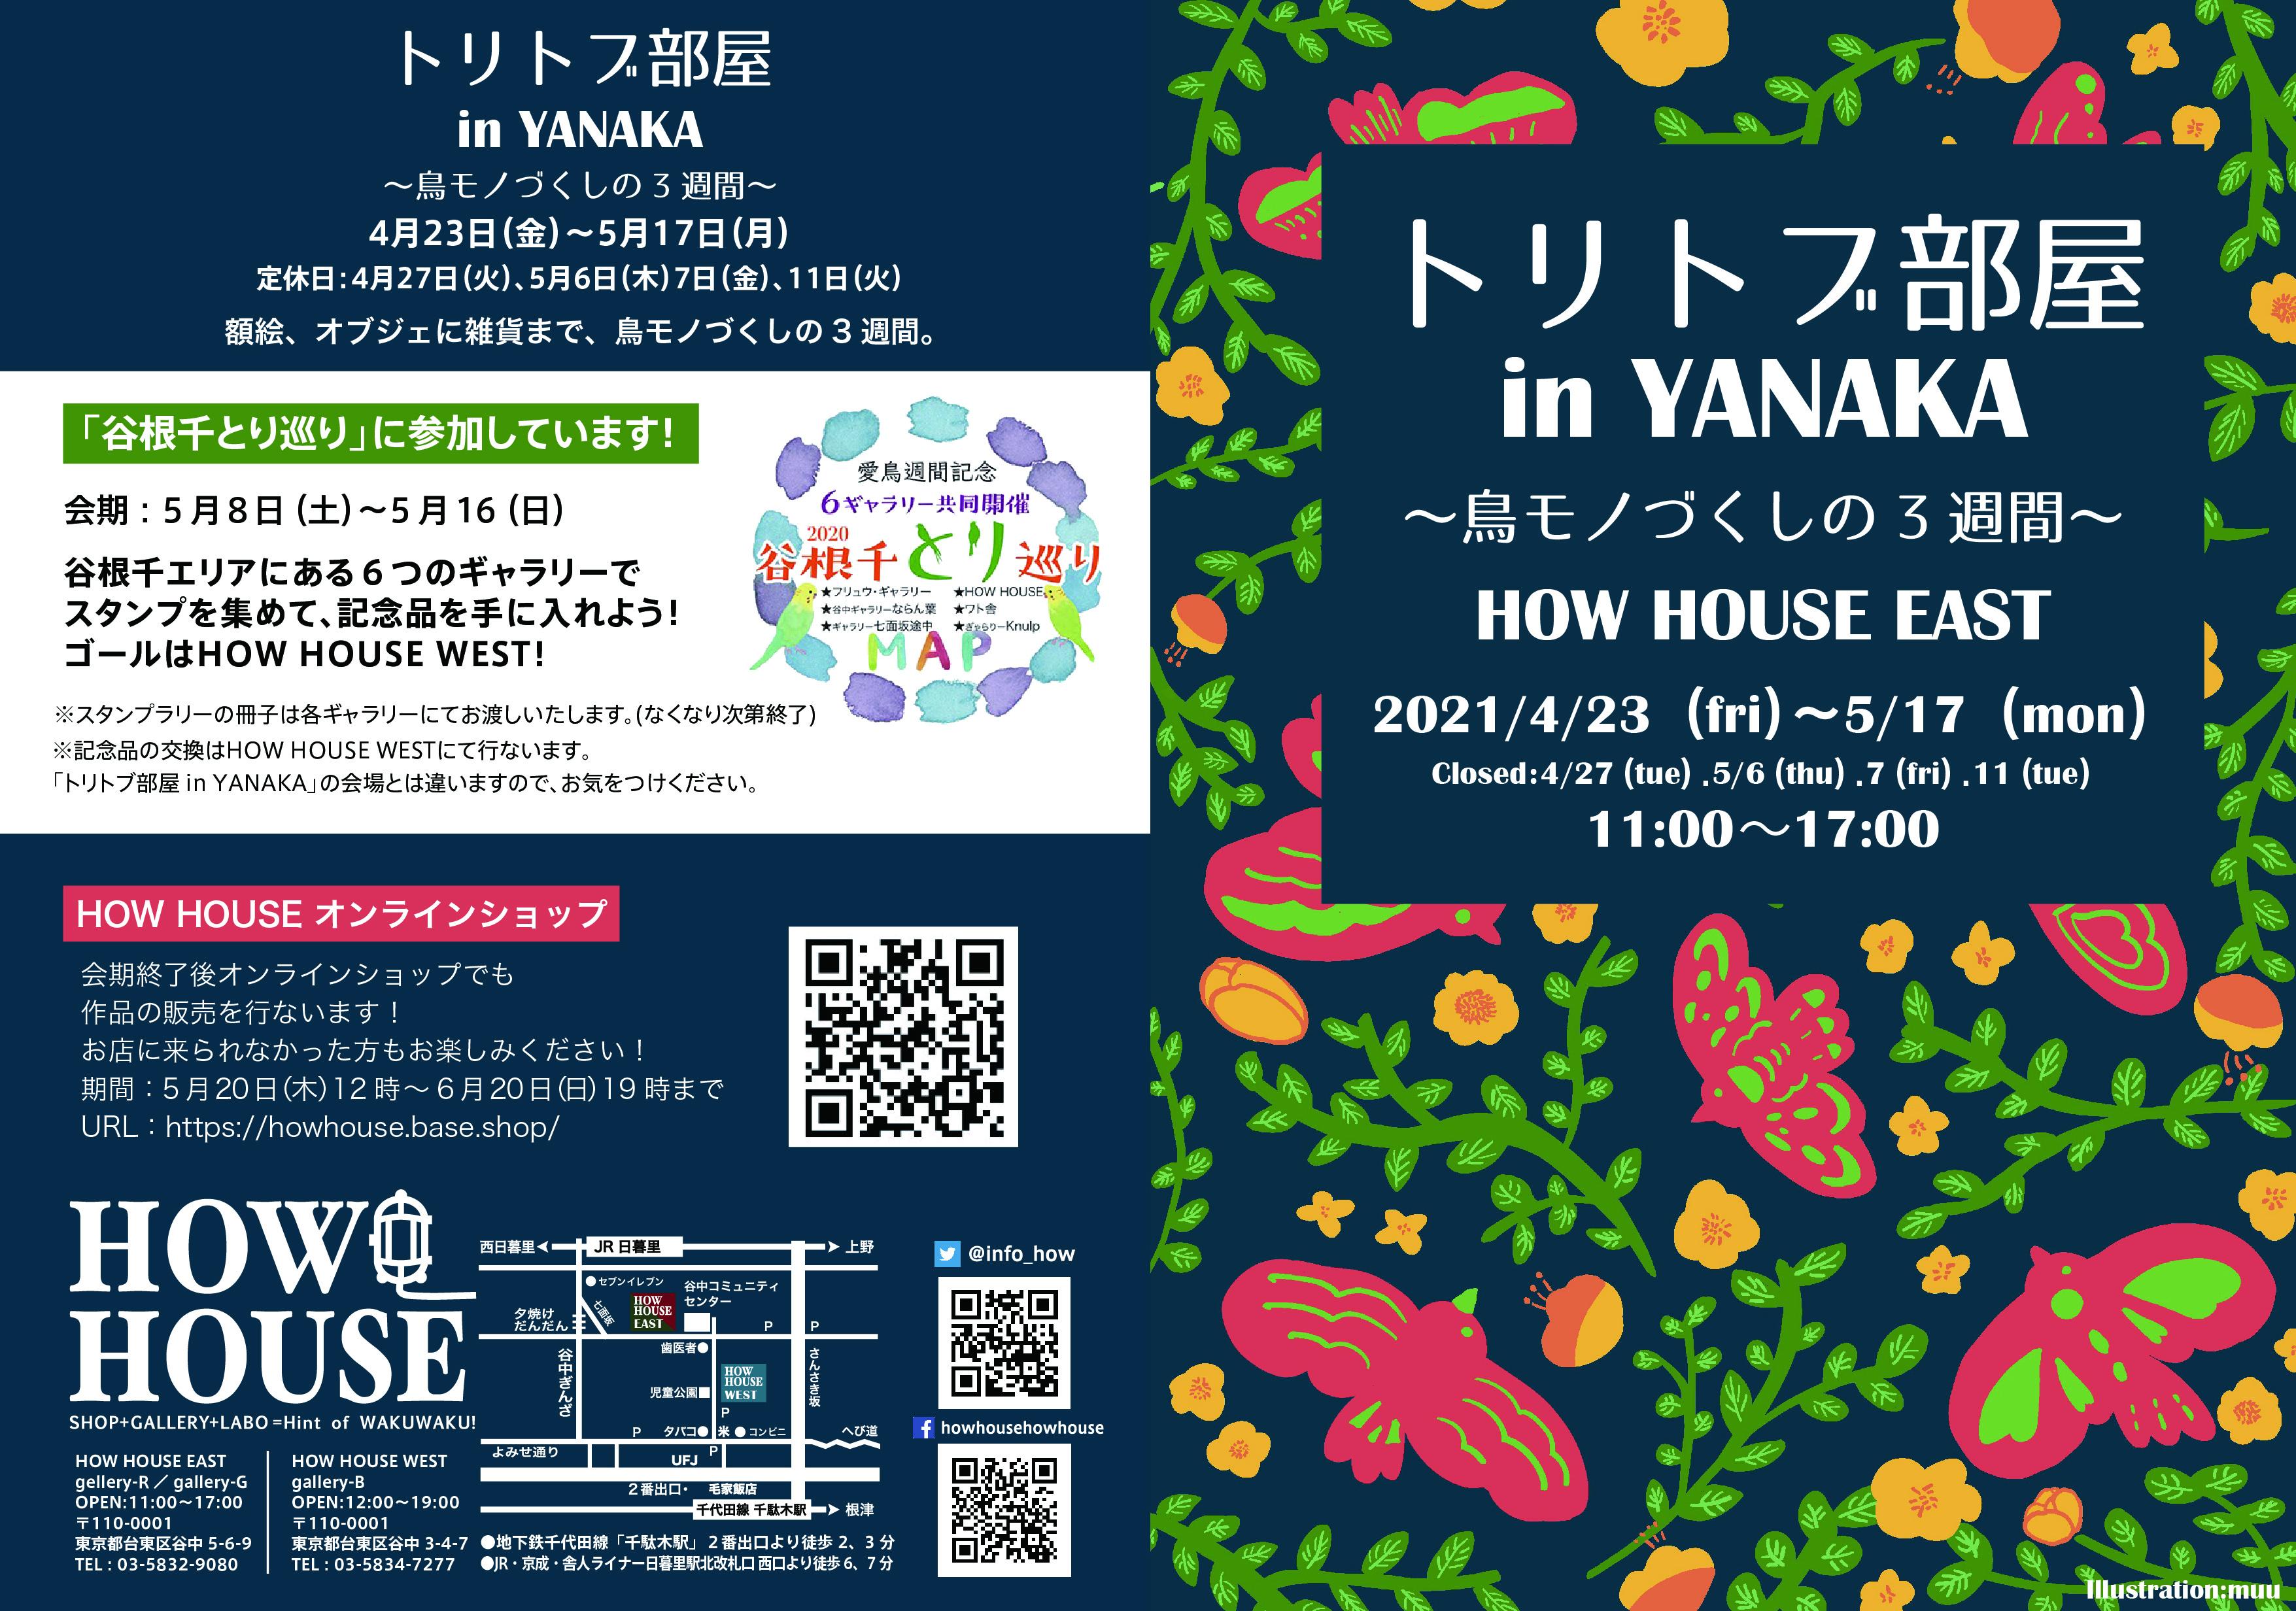 トリトブ部屋 in YANAKA 〜鳥モノづくしの3週間〜(2021.4.23 – 5.17)